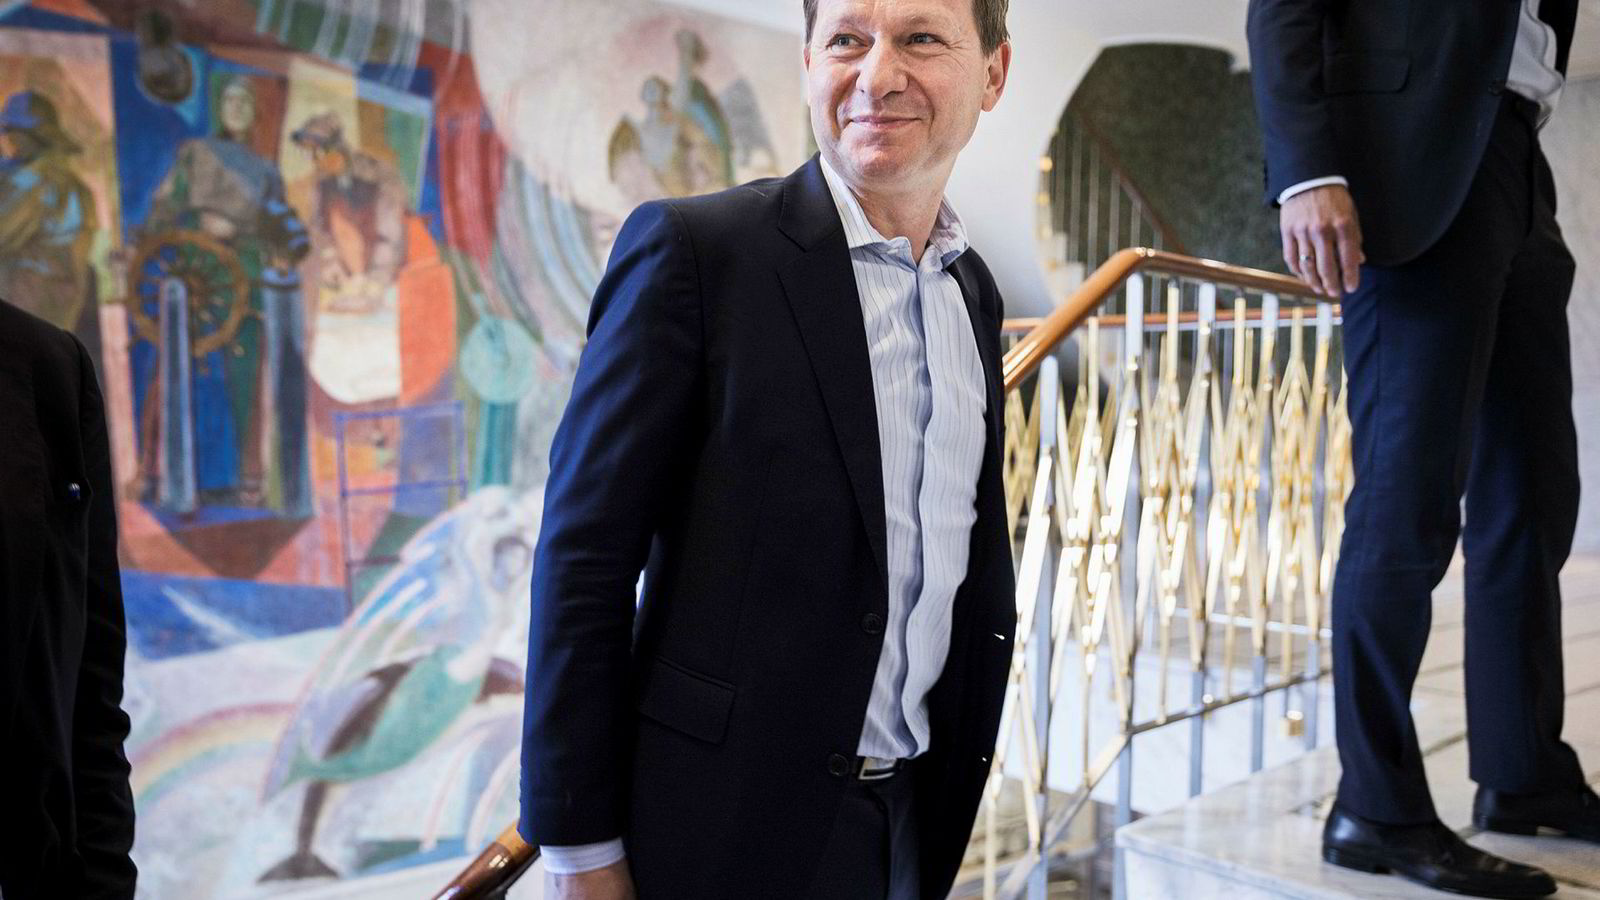 Pål Ringholm, kredittanalytiker i Sparebank 1 Markets, varsler en omfattende gjeldskrise med store økonomiske konsekvenser. Det er all grunn til å lytte til den nye advarselen.